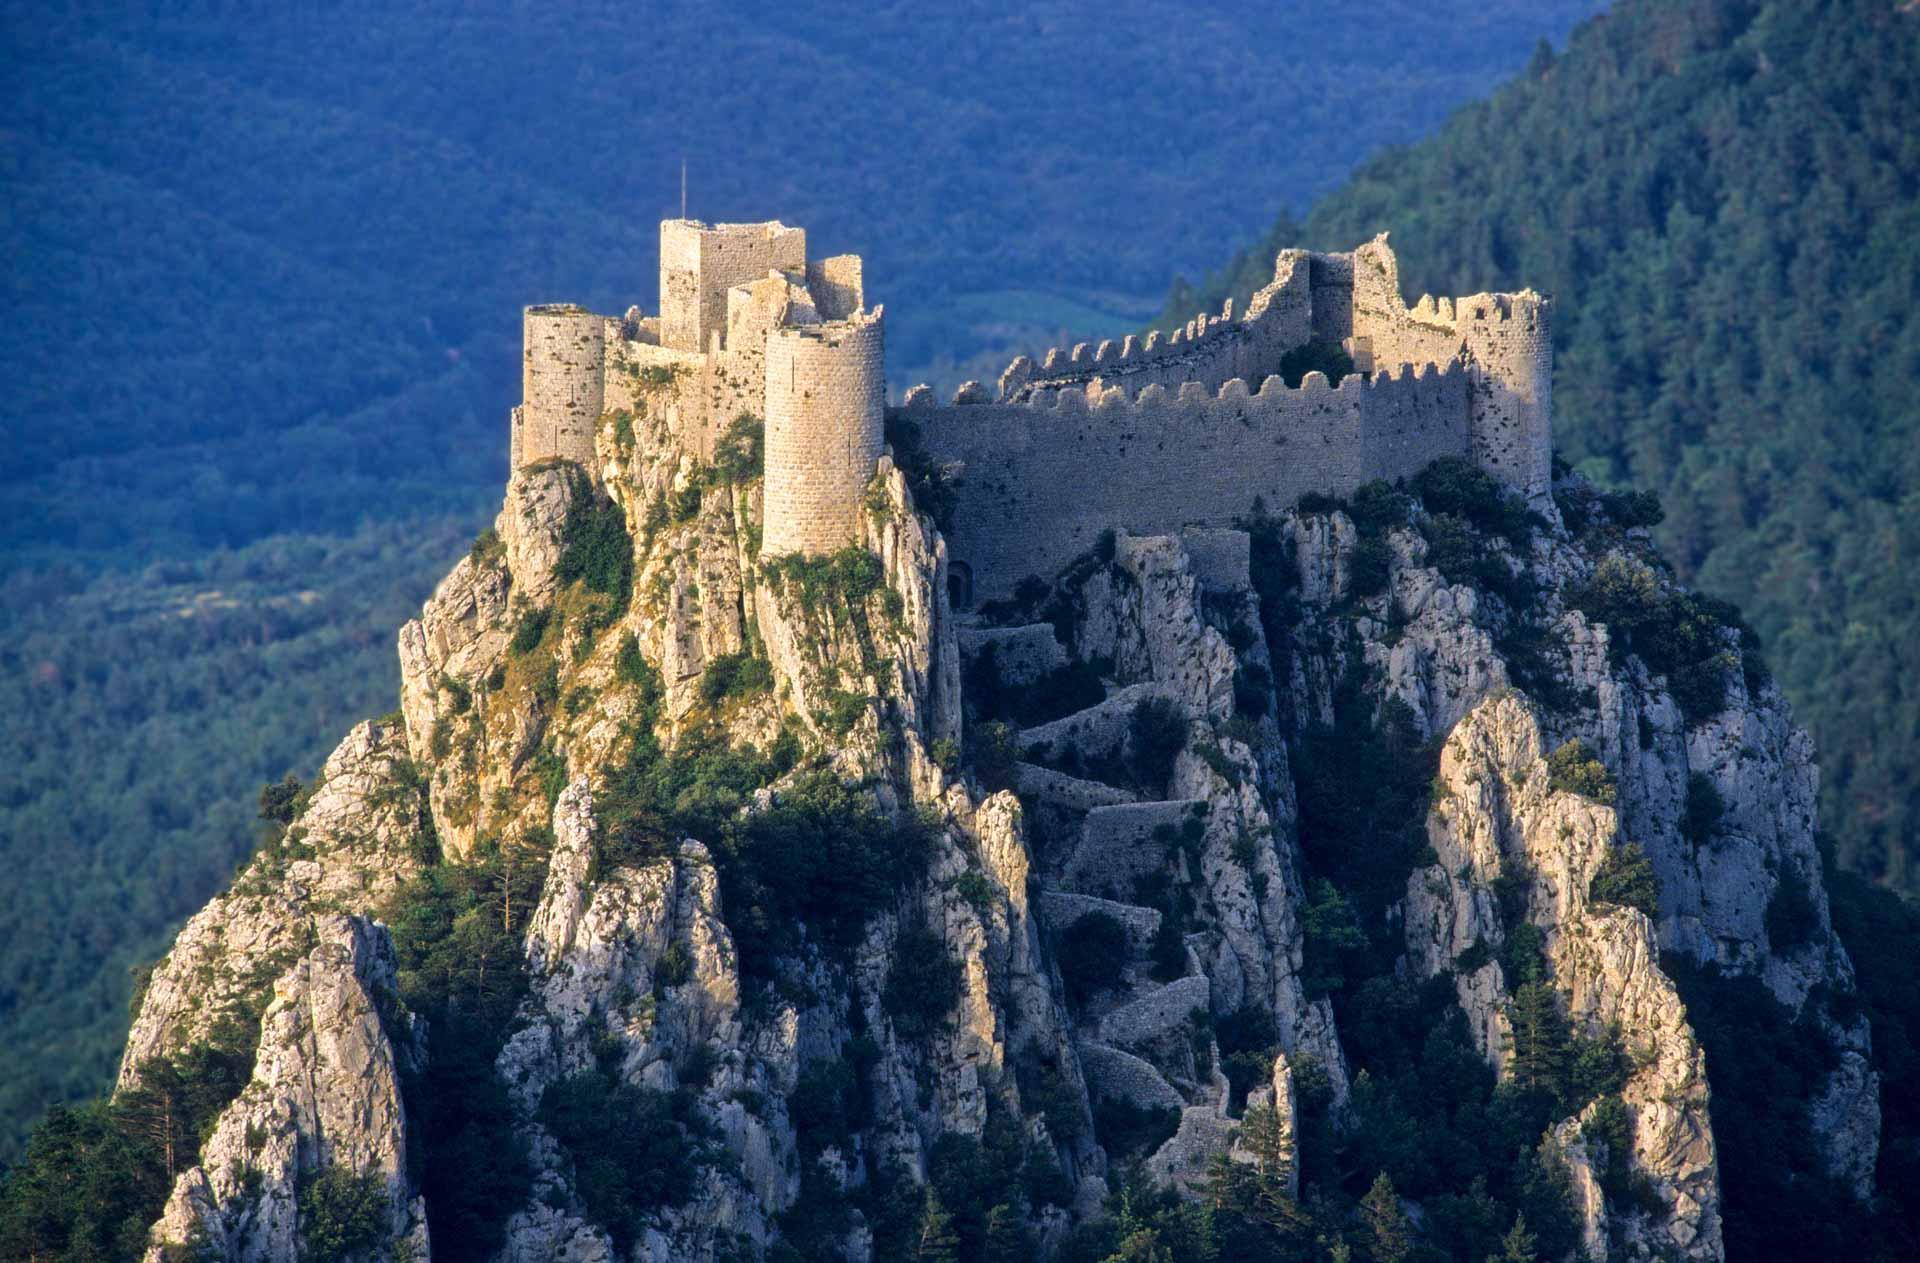 Le château de Puilaurens perché sur son éperon rocheux © Thierry Rambaud - AdobeStock